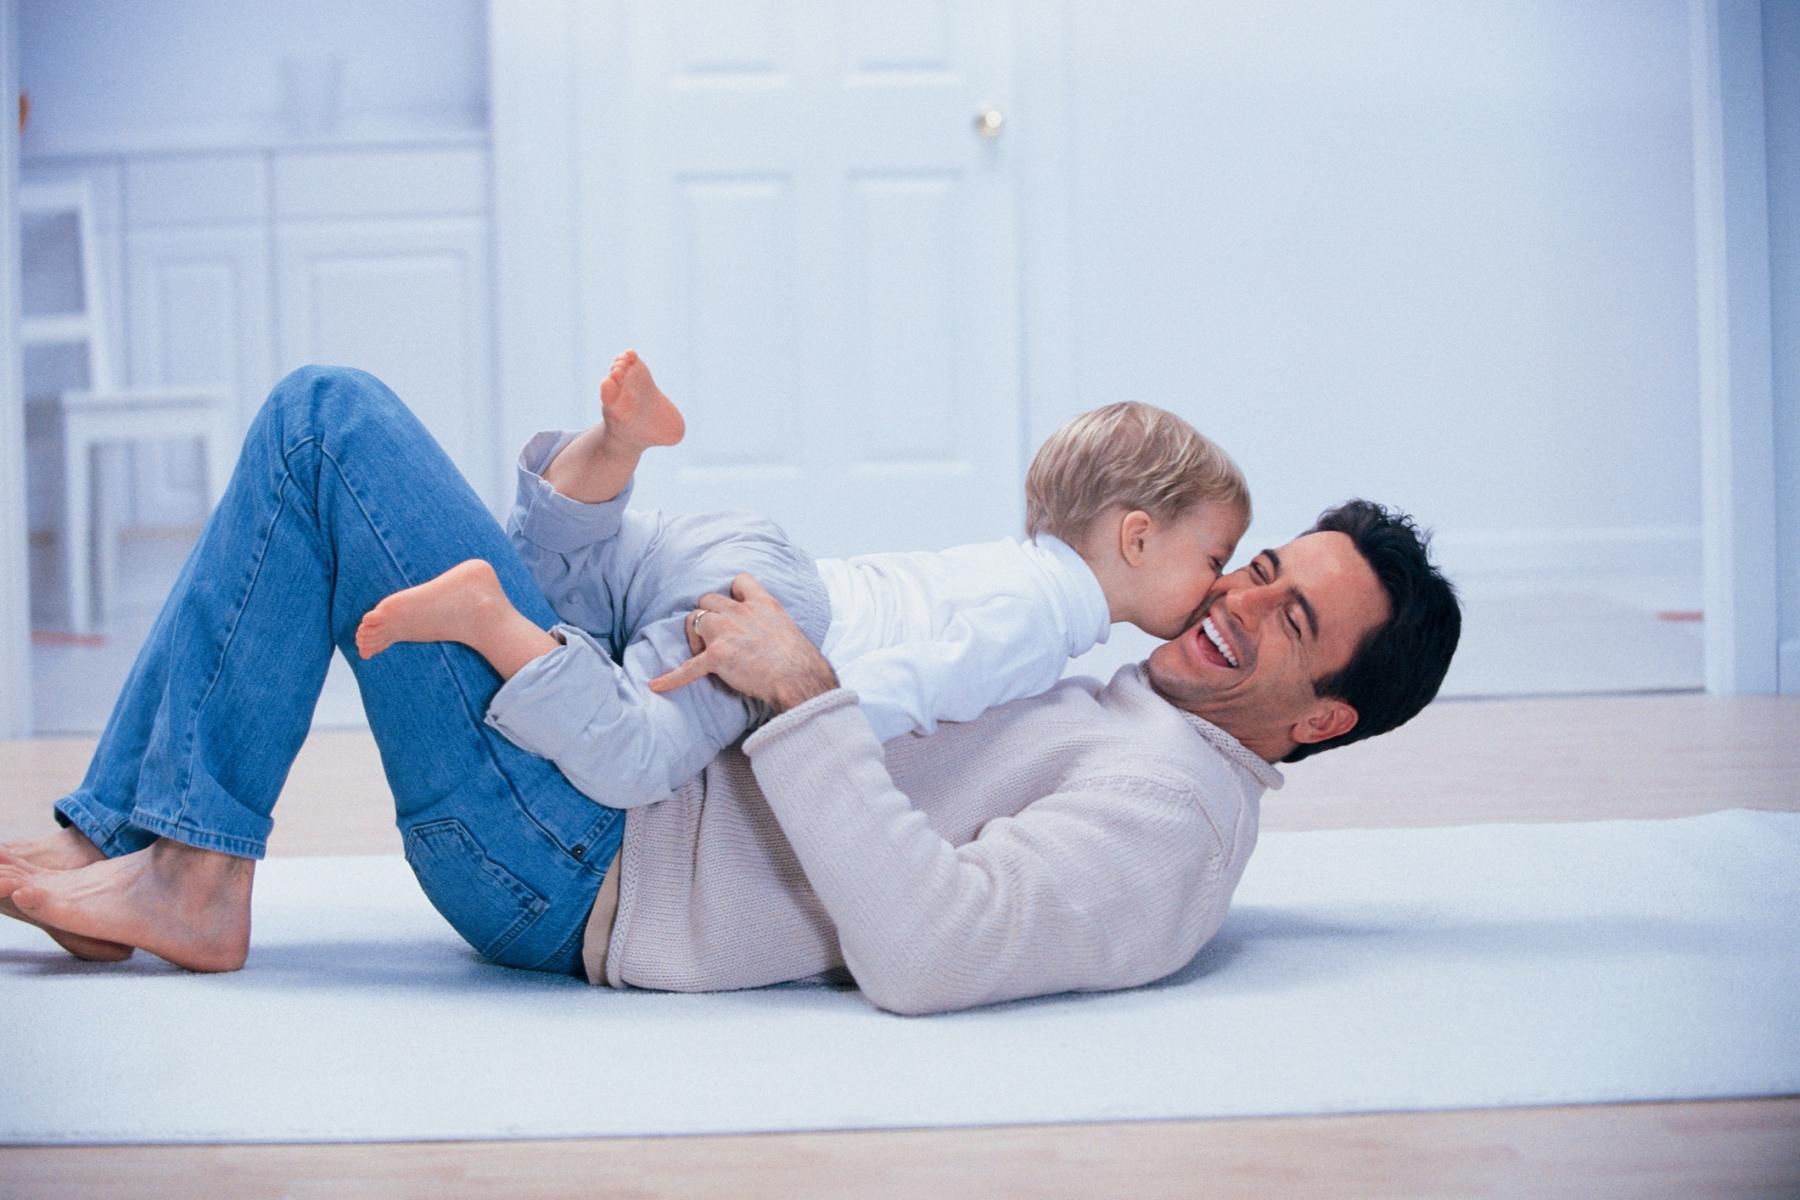 Cuentos clásicos para niños sobre papás